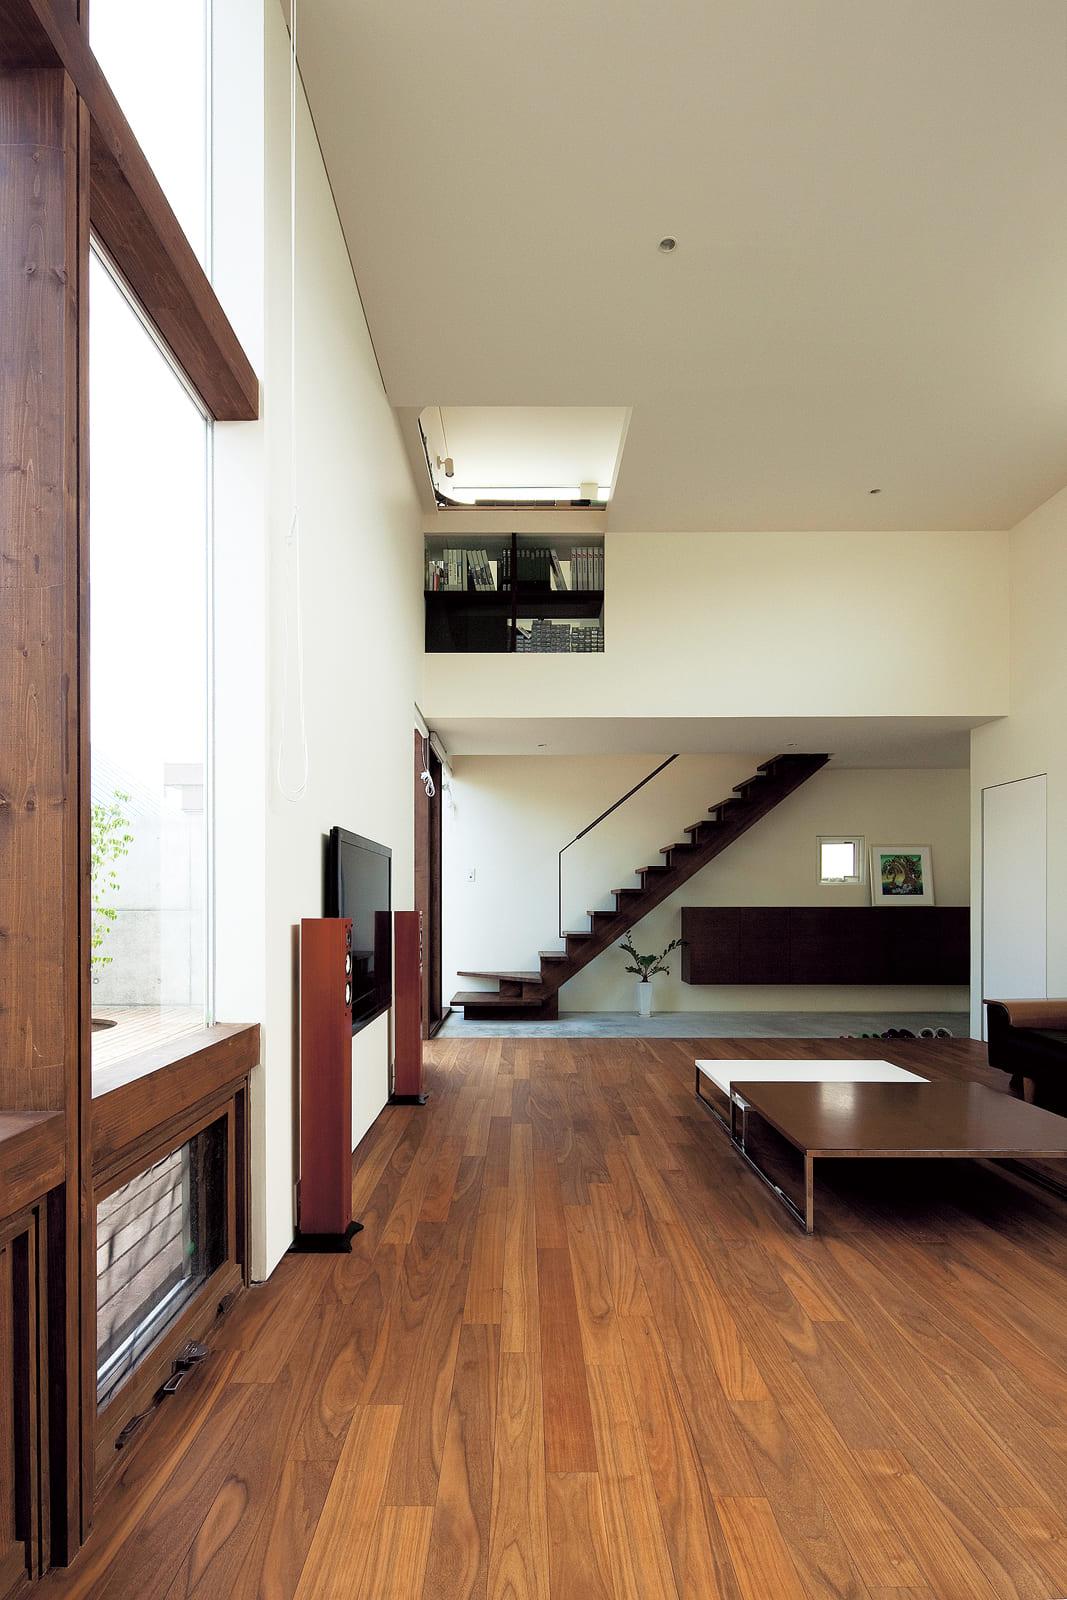 ダイニング・キッチンから土間方向を見る。正面に見える階段は、夫婦の寝室、Mさんのホビースベースに続いている